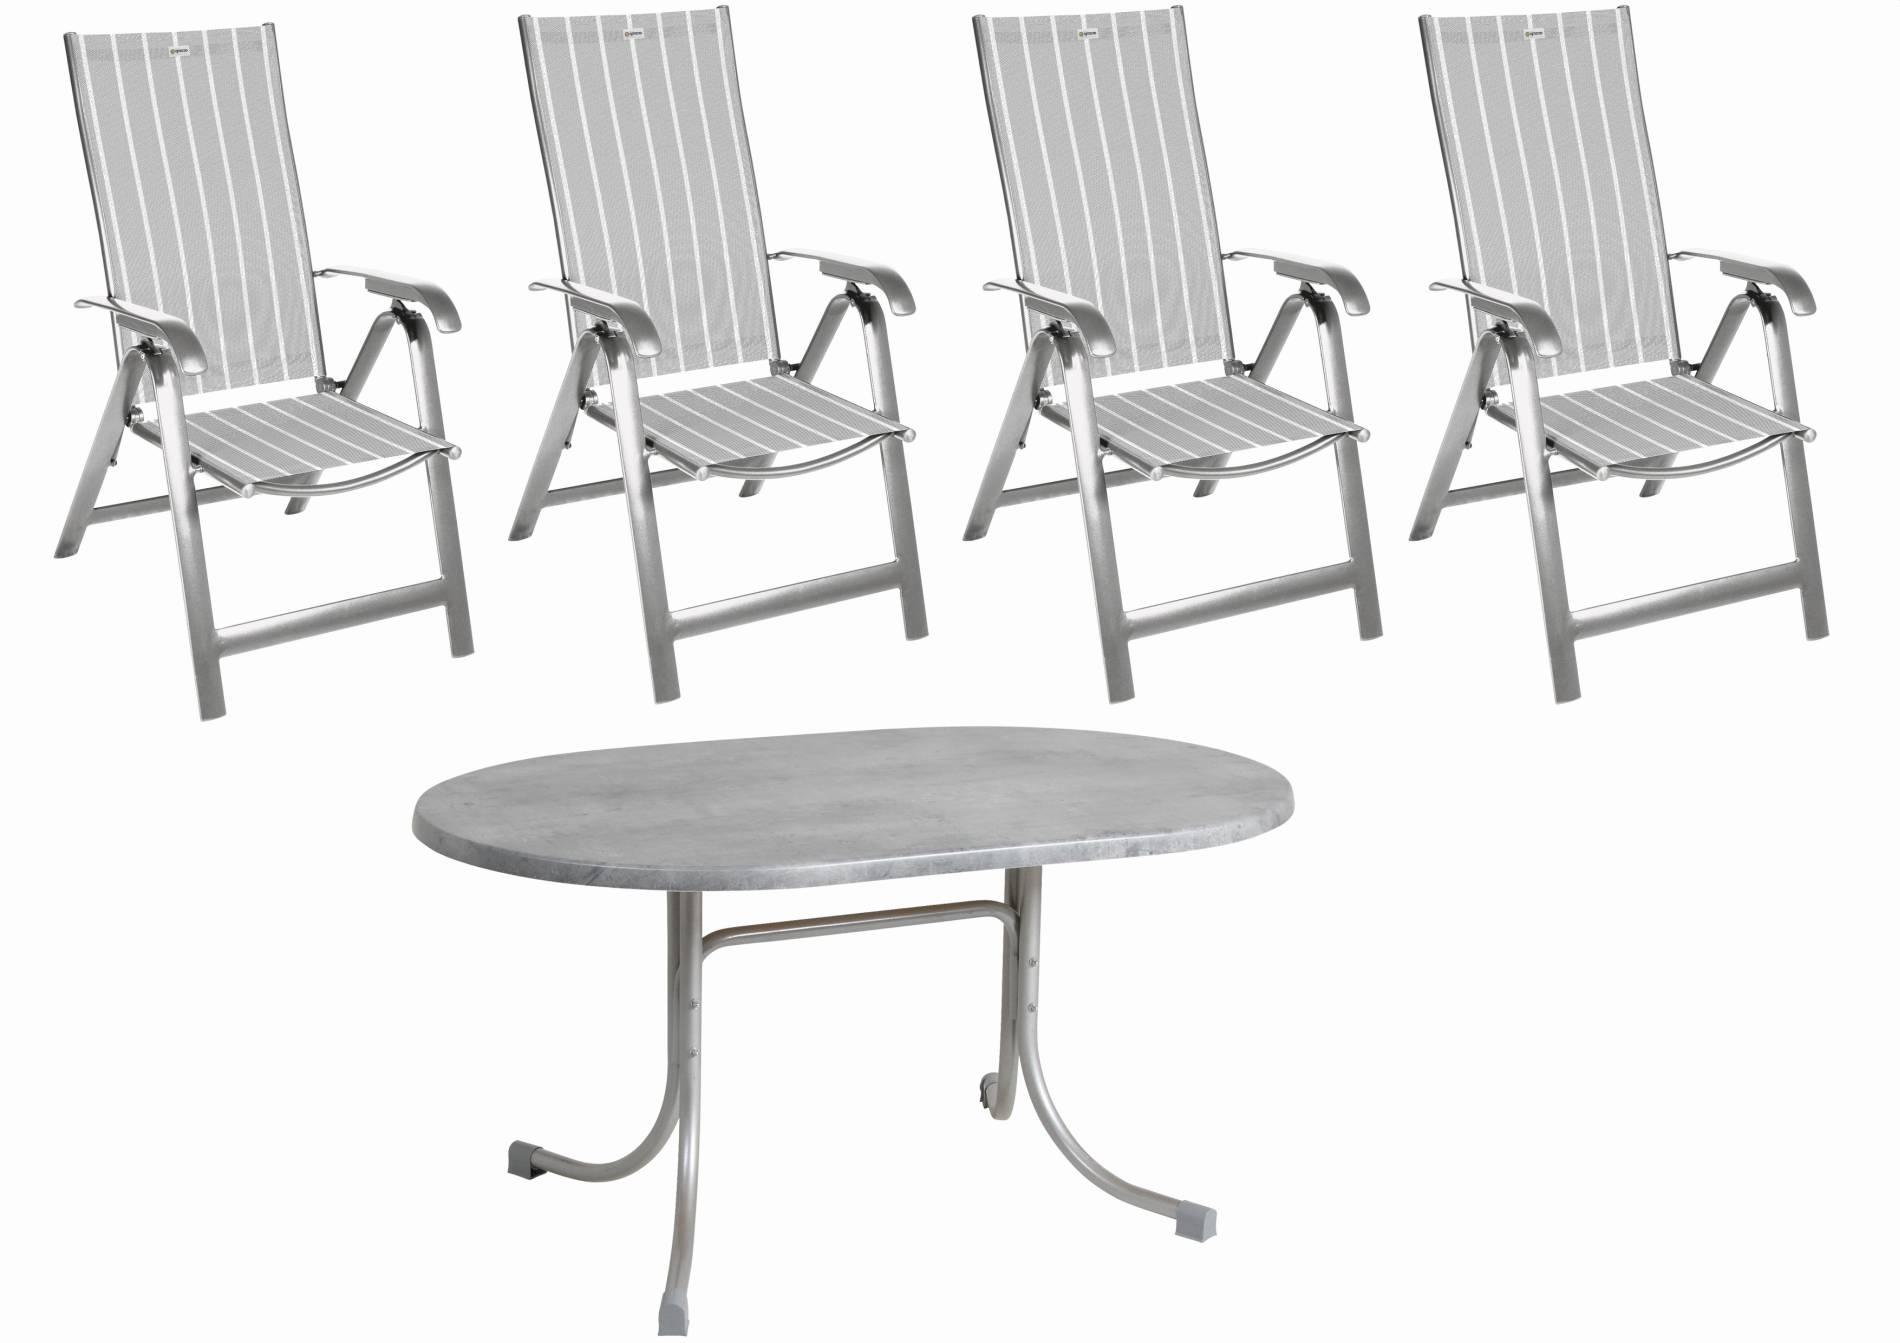 Acamp Sitzgruppe Acatop 5tlg. platin 4 Klappsessel 1 Klapptisch 146x94 cm Aluminium Stahl